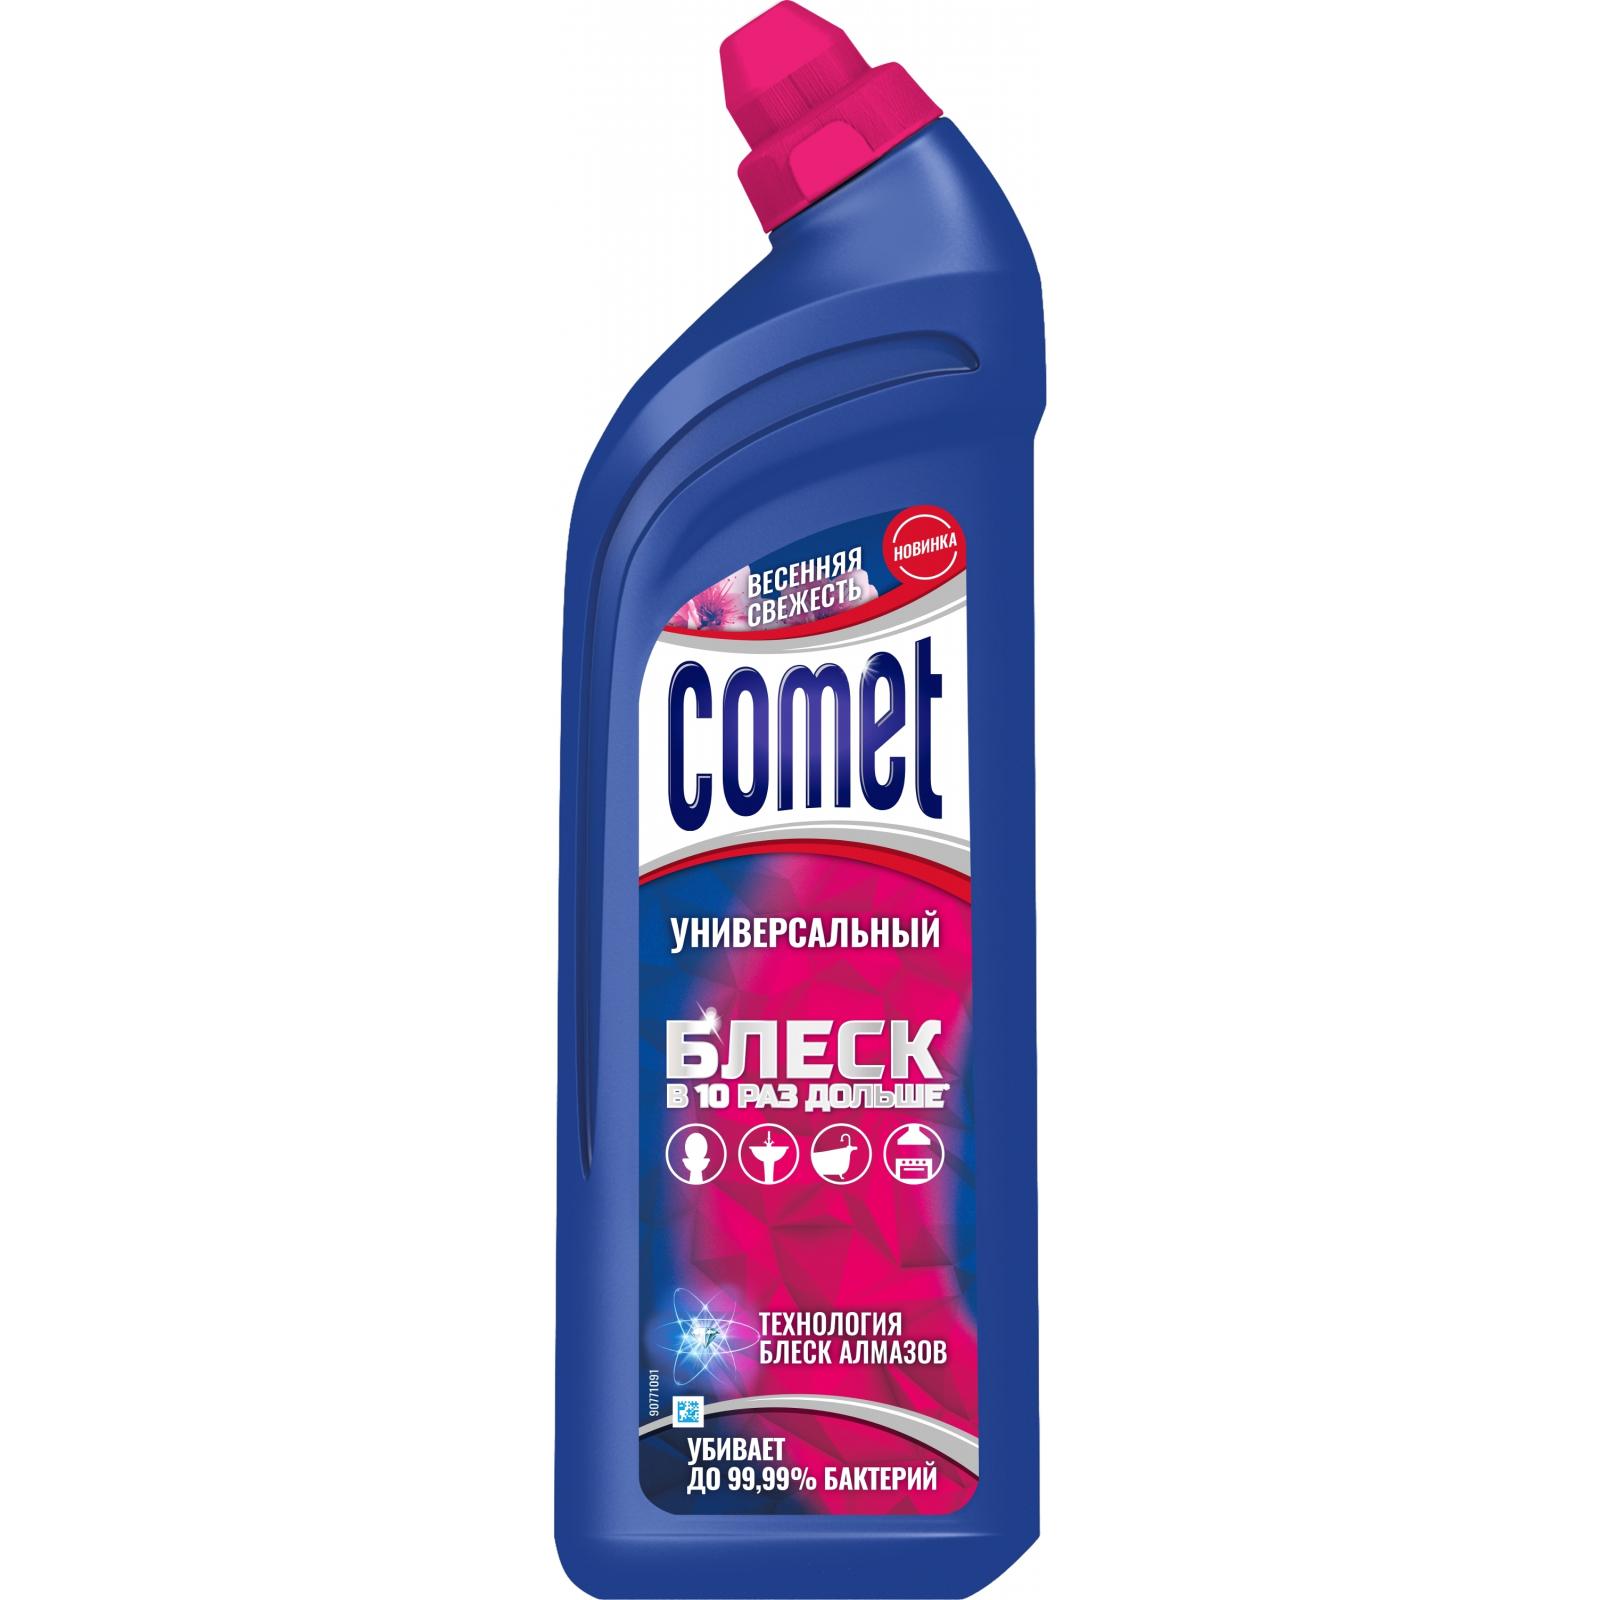 Чистящий гель Comet Весенняя свежесть 850мл (8001480703568)